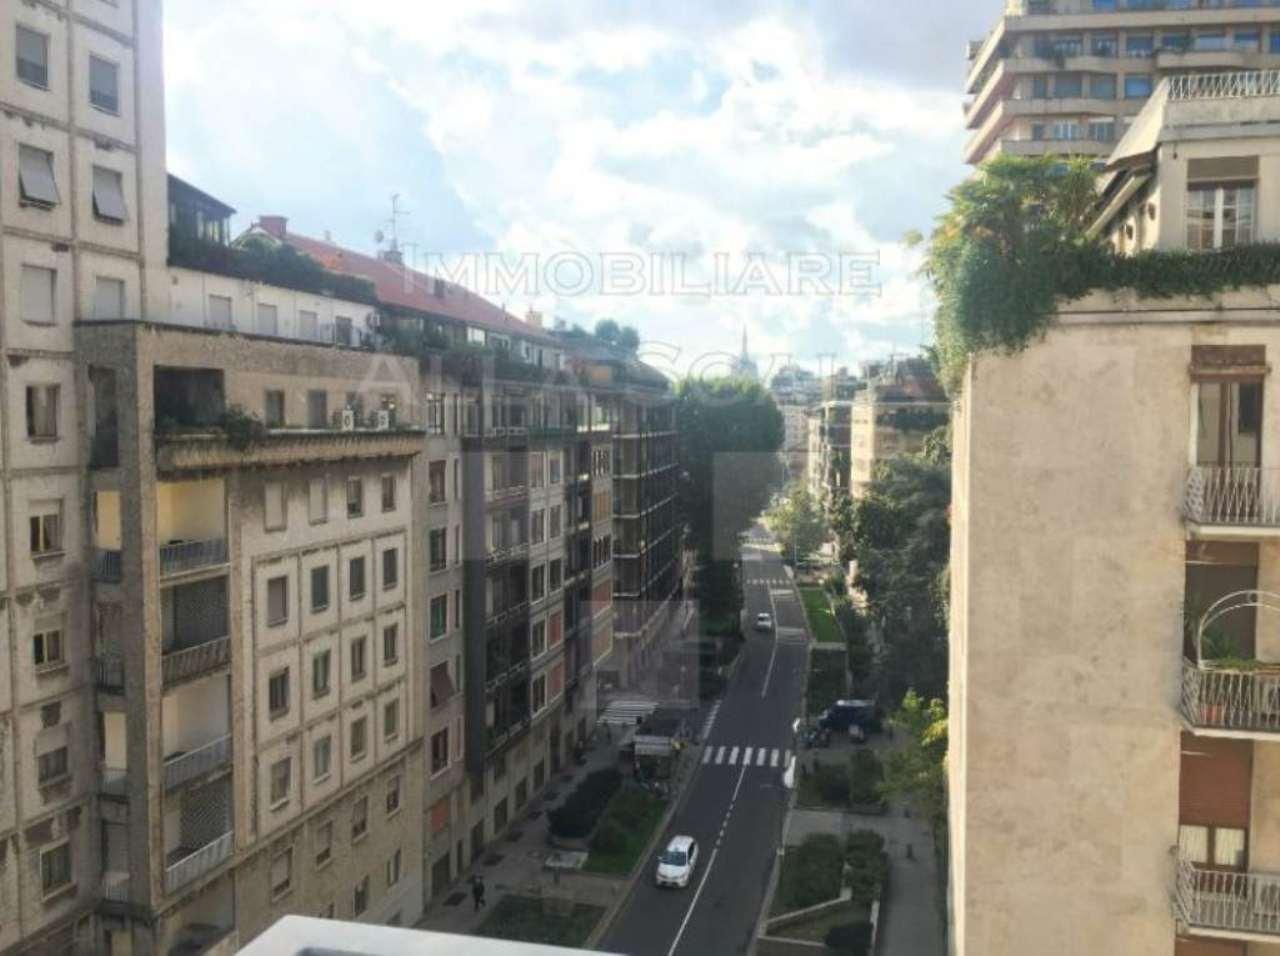 Appartamento in affitto a Milano, 6 locali, zona Zona: 1 . Centro Storico, Duomo, Brera, Cadorna, Cattolica, prezzo € 5.350 | Cambio Casa.it